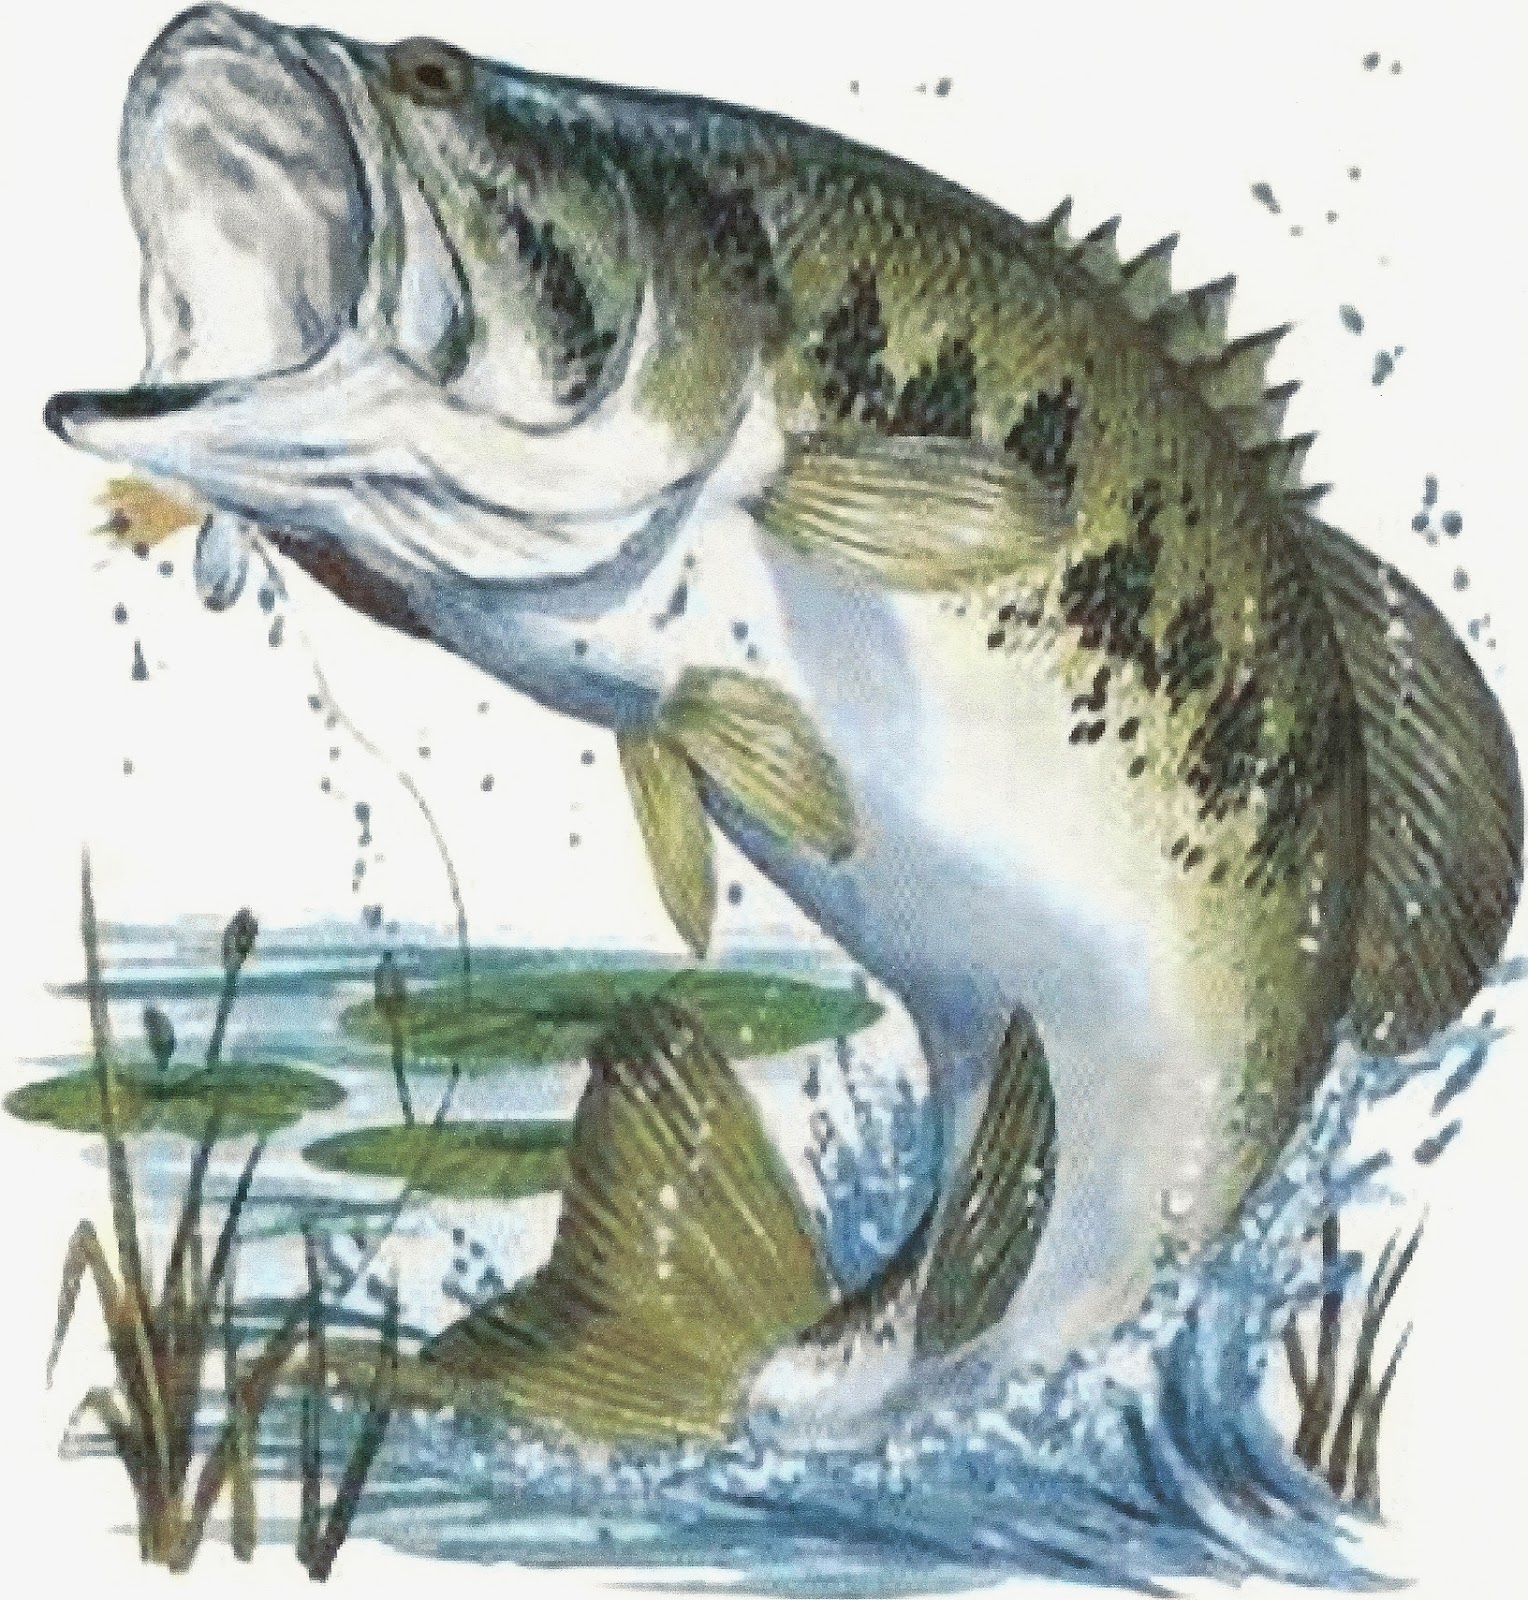 west neck creek ramblings in pursuit of kicker tour nt fish in pursuit of kicker tour nt fish